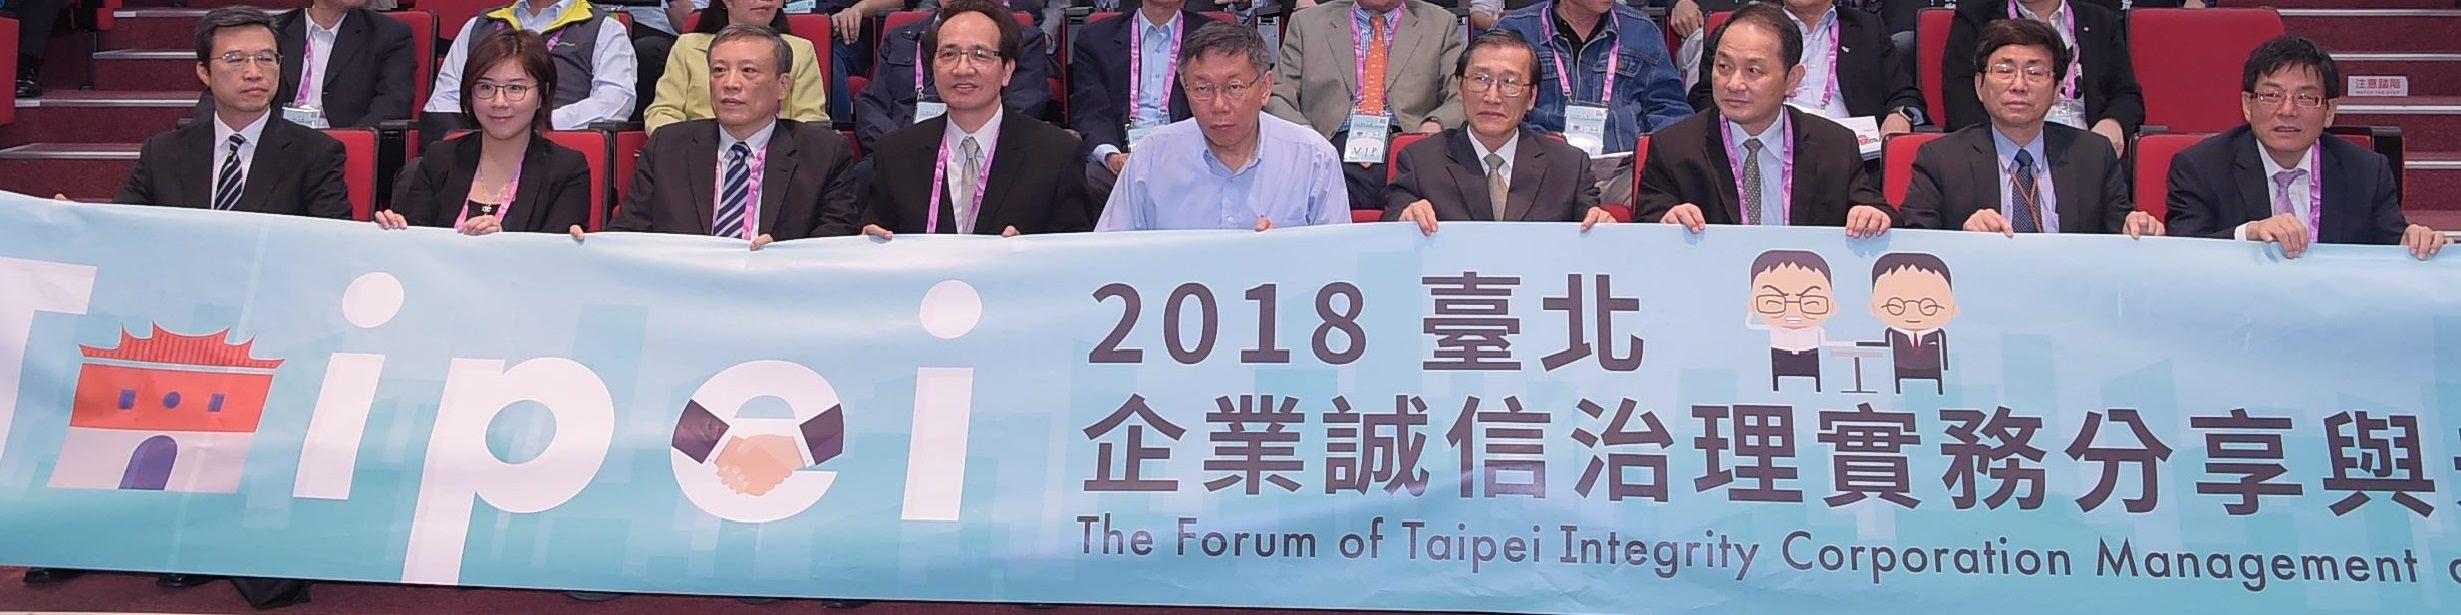 臺北企業誠信治理實務分享與未來活動